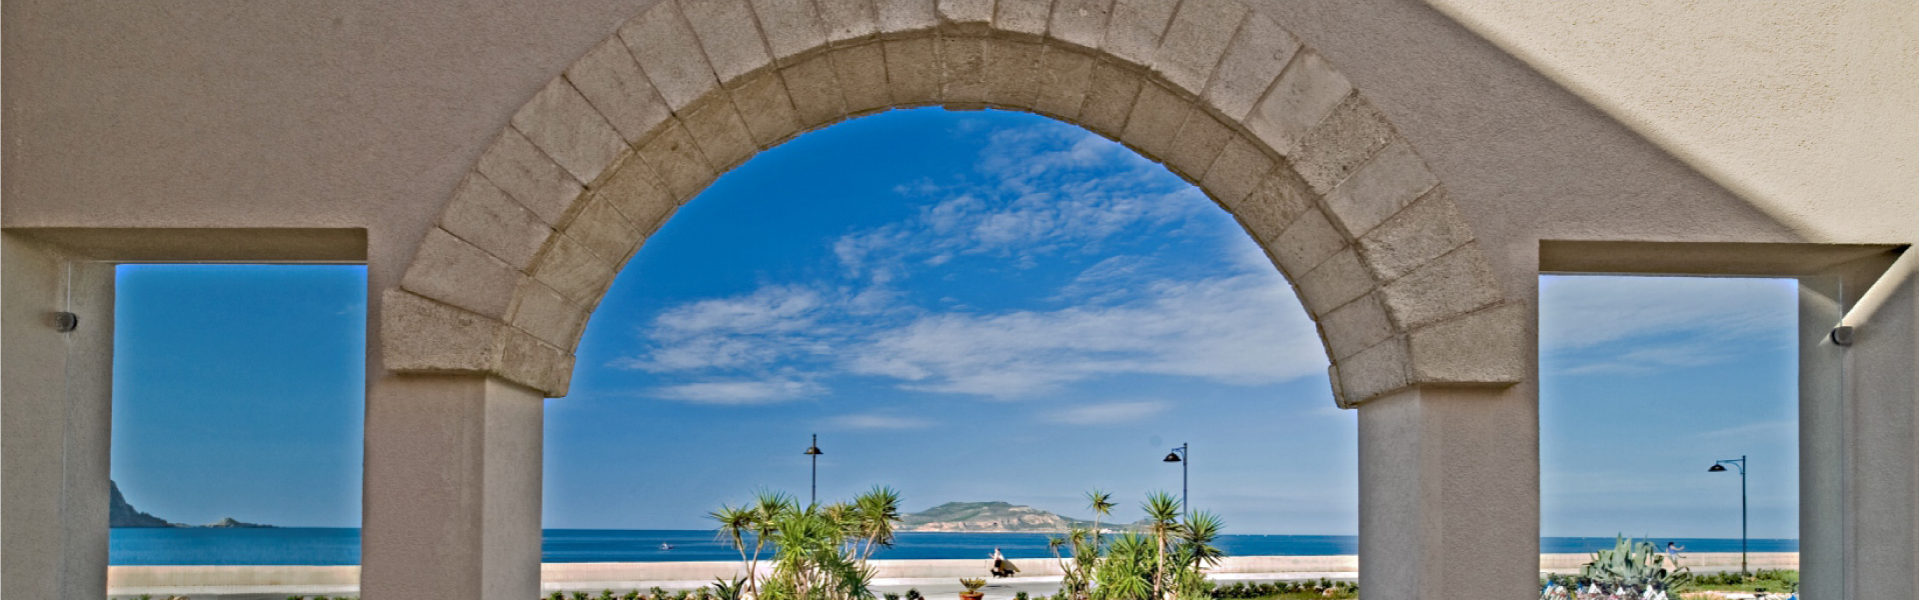 In Sicilia, sull'isola di Favignana, immerso nei profumi della macchia mediterranea esiste un luogo di pace.  L'Hotel Tempo di Mare a Favignana è ubicato nelle immediate vicinanze del centro dell'isola, e ha una vista mozzafiato sull'isola di Levanzo.